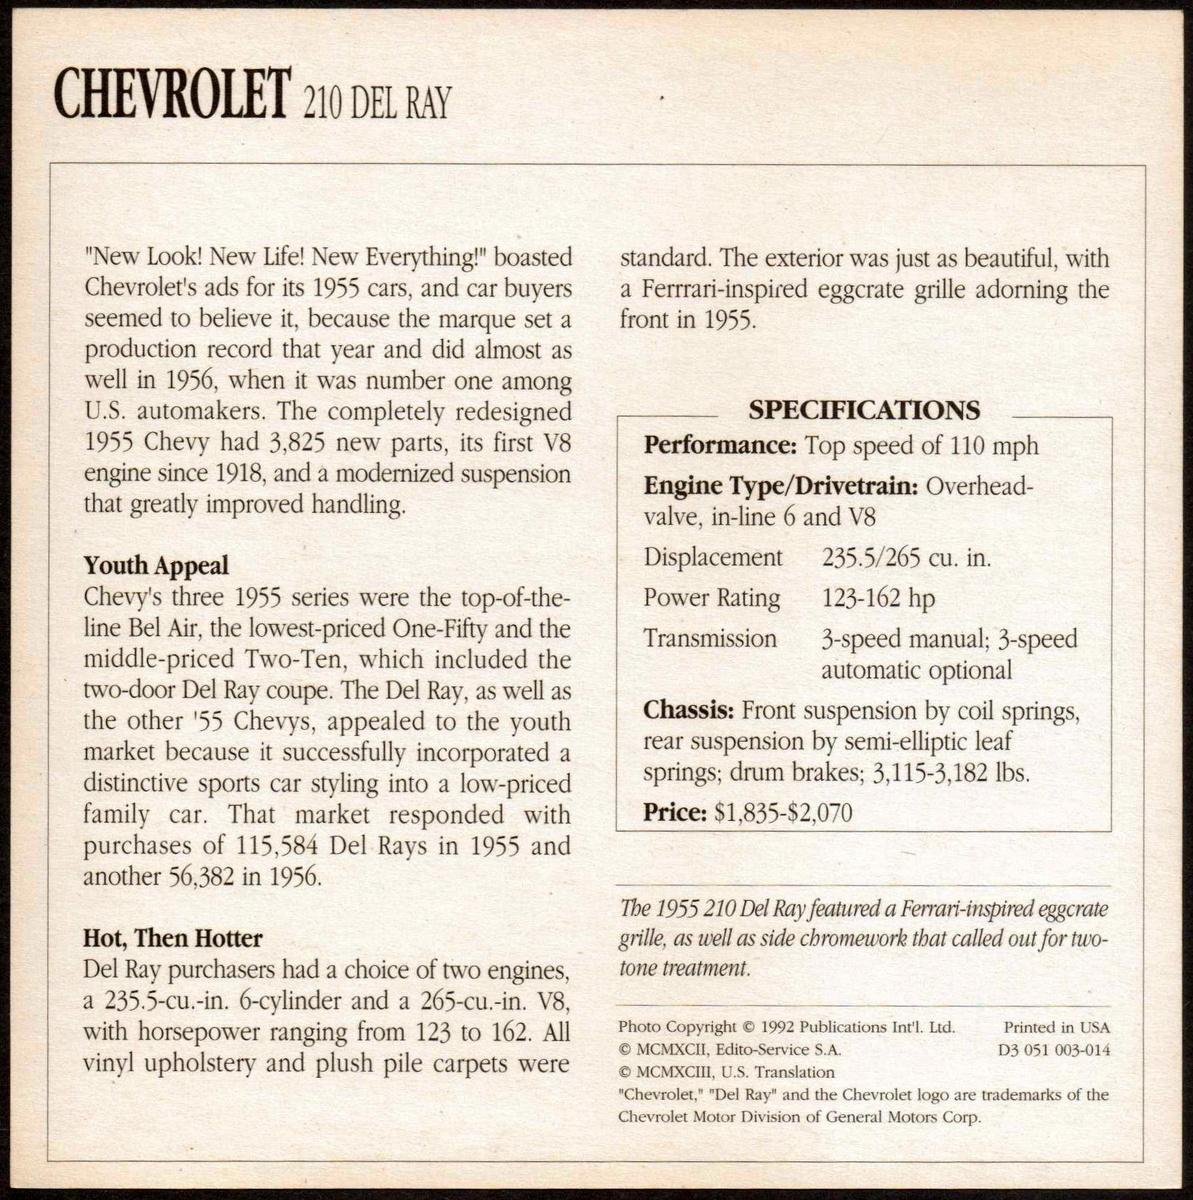 Vintage Car Card - Chevrolet 210 Del Ray | Collectors Weekly